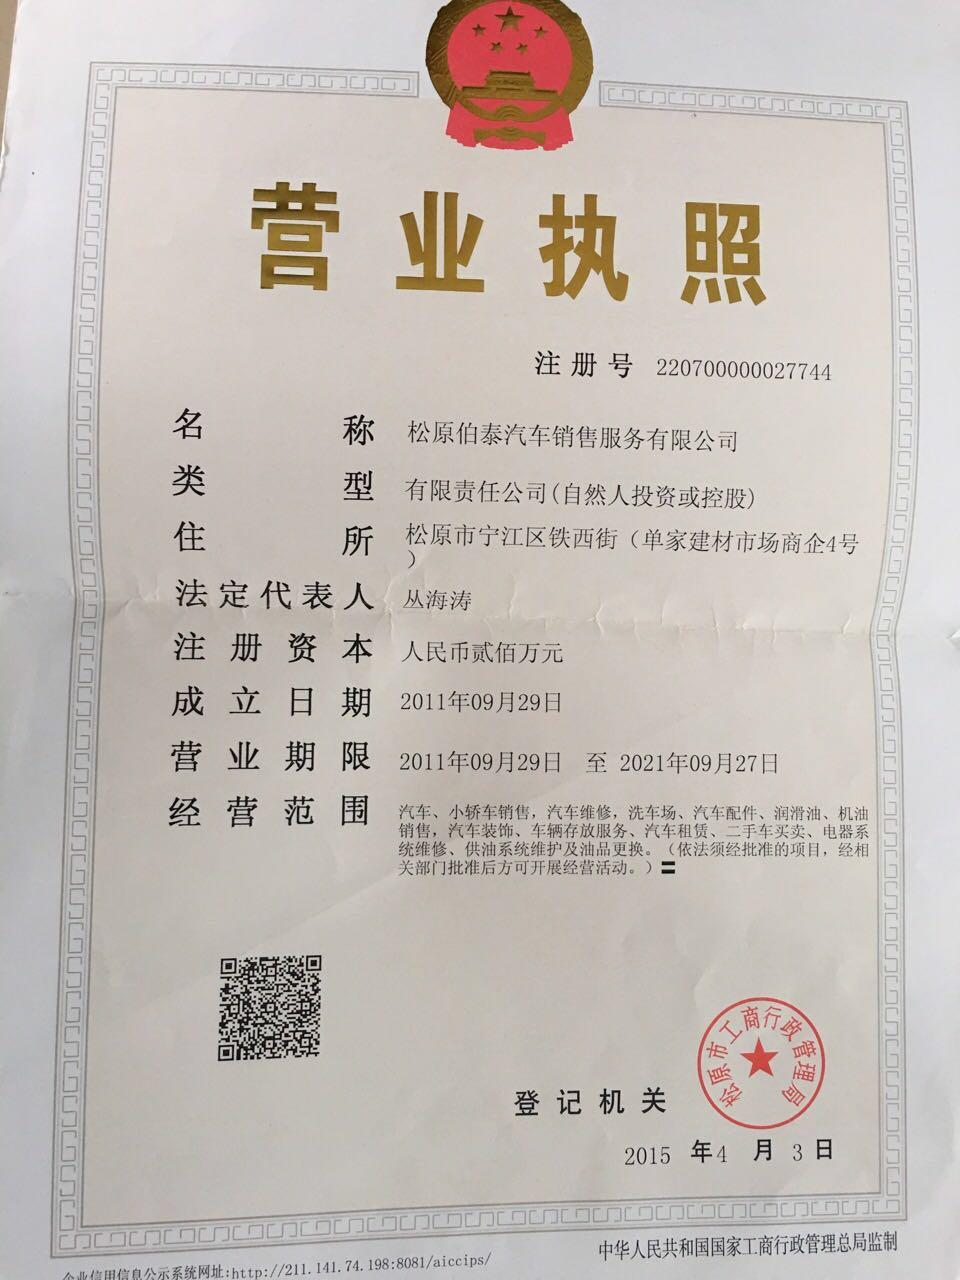 松原伯泰汽车销售服务有限公司